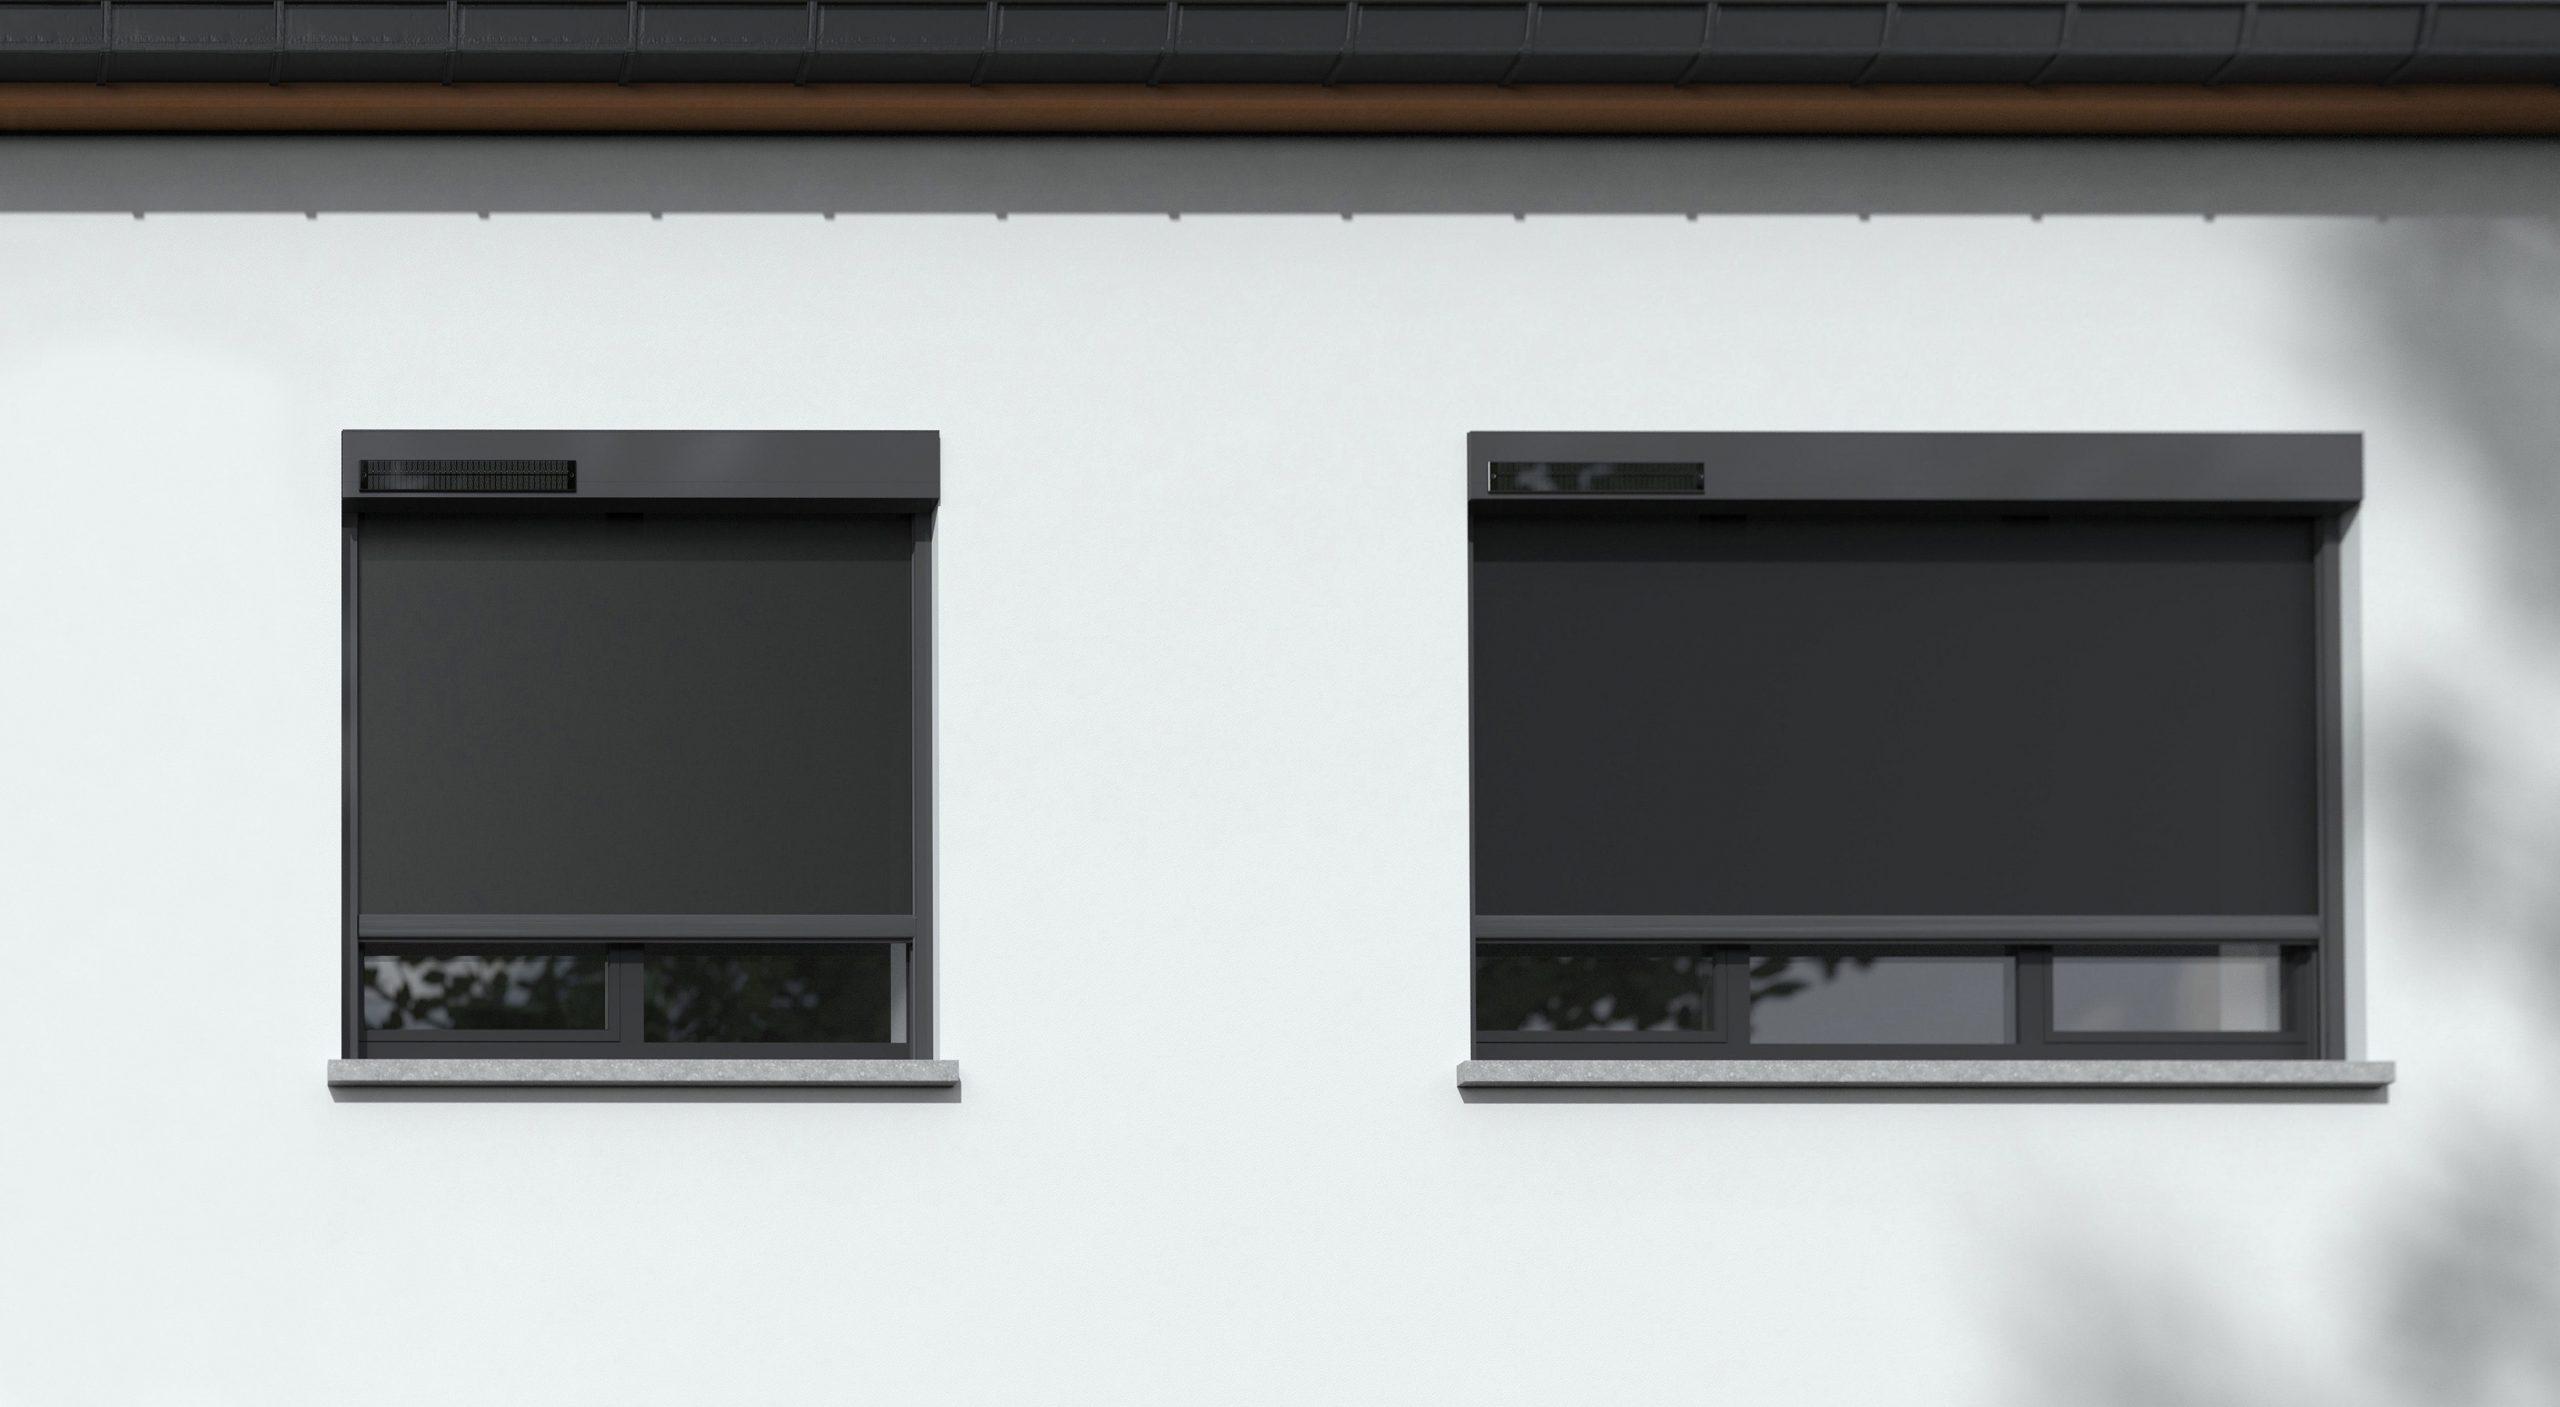 Full Size of Solargetriebener Fixscreen Von Renson Zum Nachrsten Solar Runde Fenster Sicherheitsbeschläge Nachrüsten Einbauen Kosten Fototapete Aron Jalousien Innen Fenster Sonnenschutz Fenster